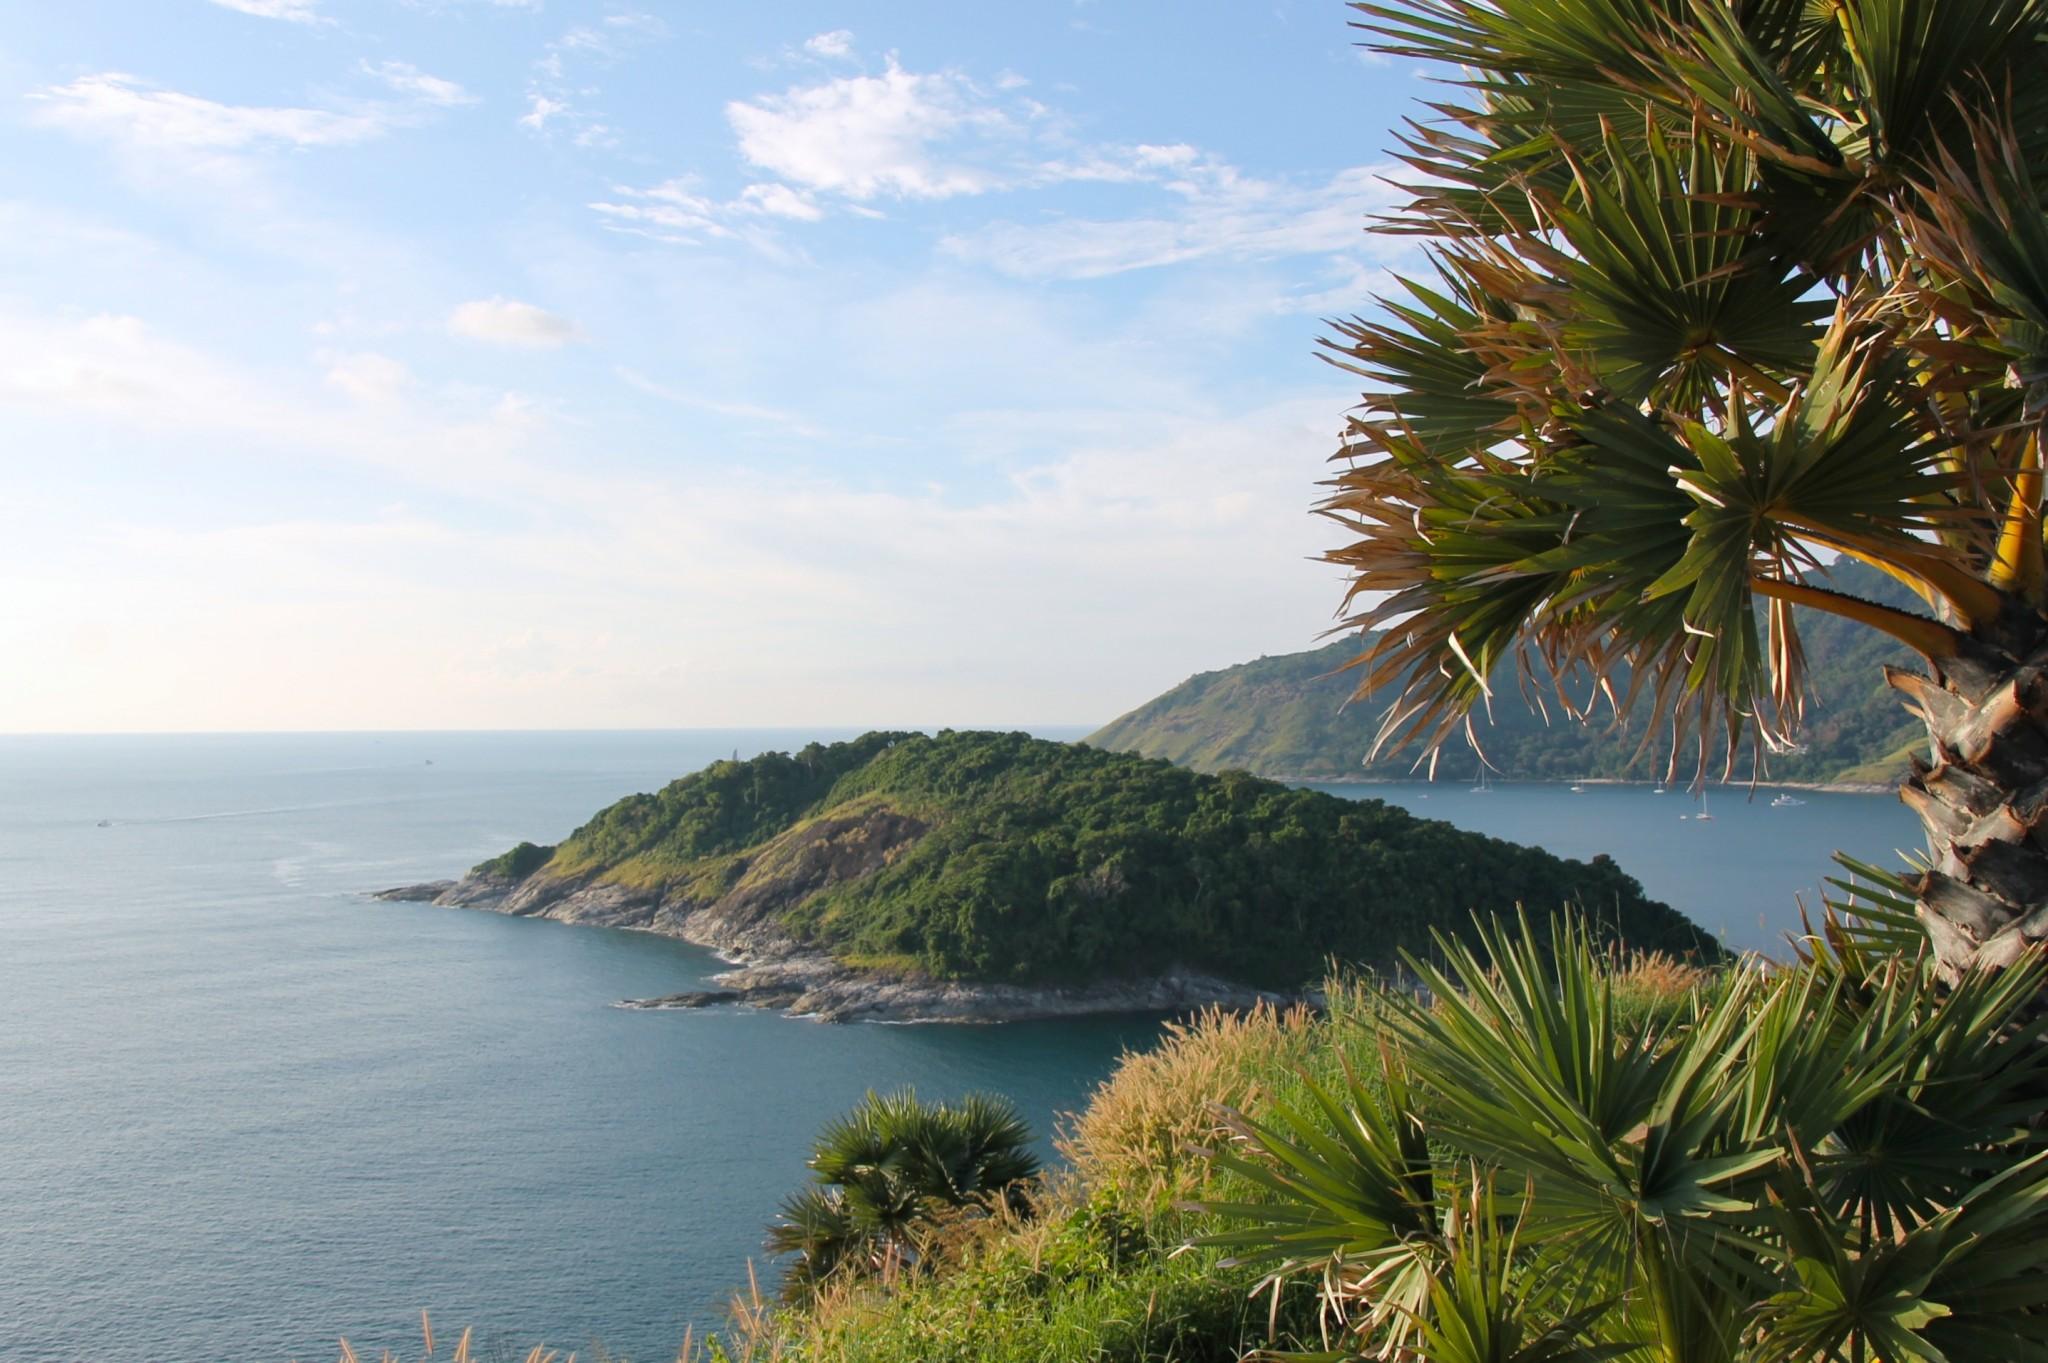 Promthep Cape Phuket